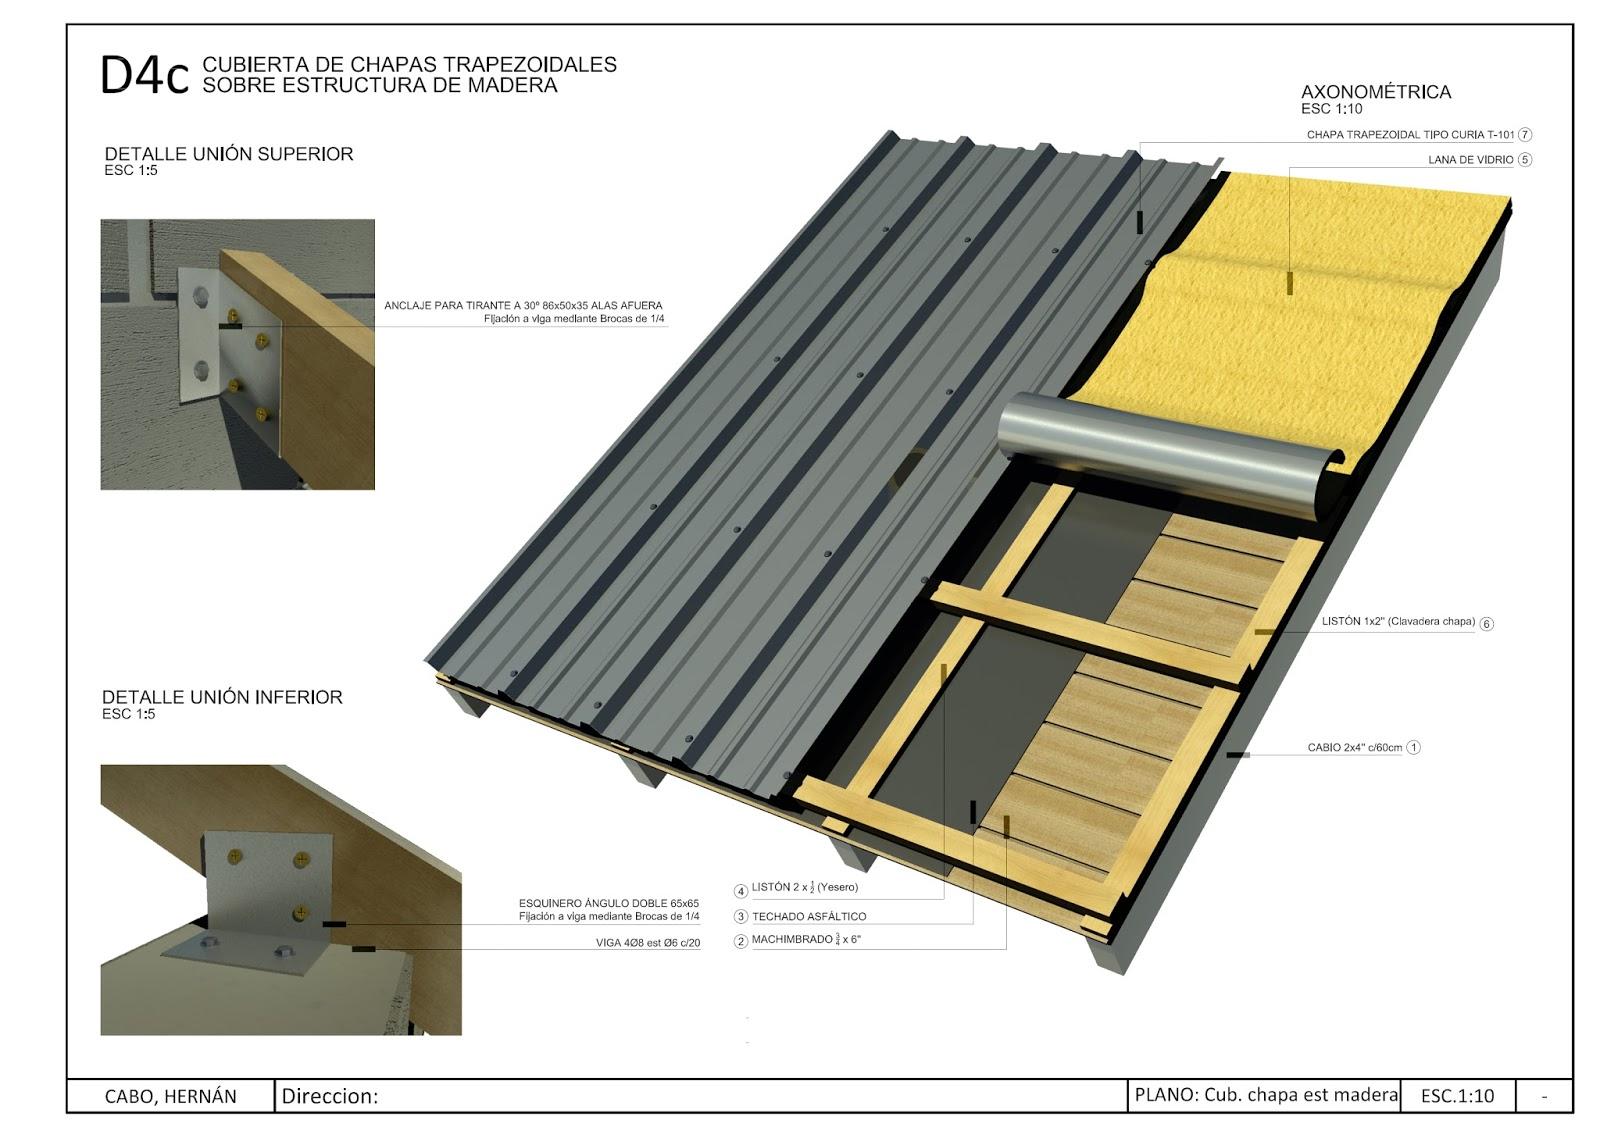 Detalles constructivos cad detalle cubierta met lica con estructura de madera - Estructuras de madera para techos ...